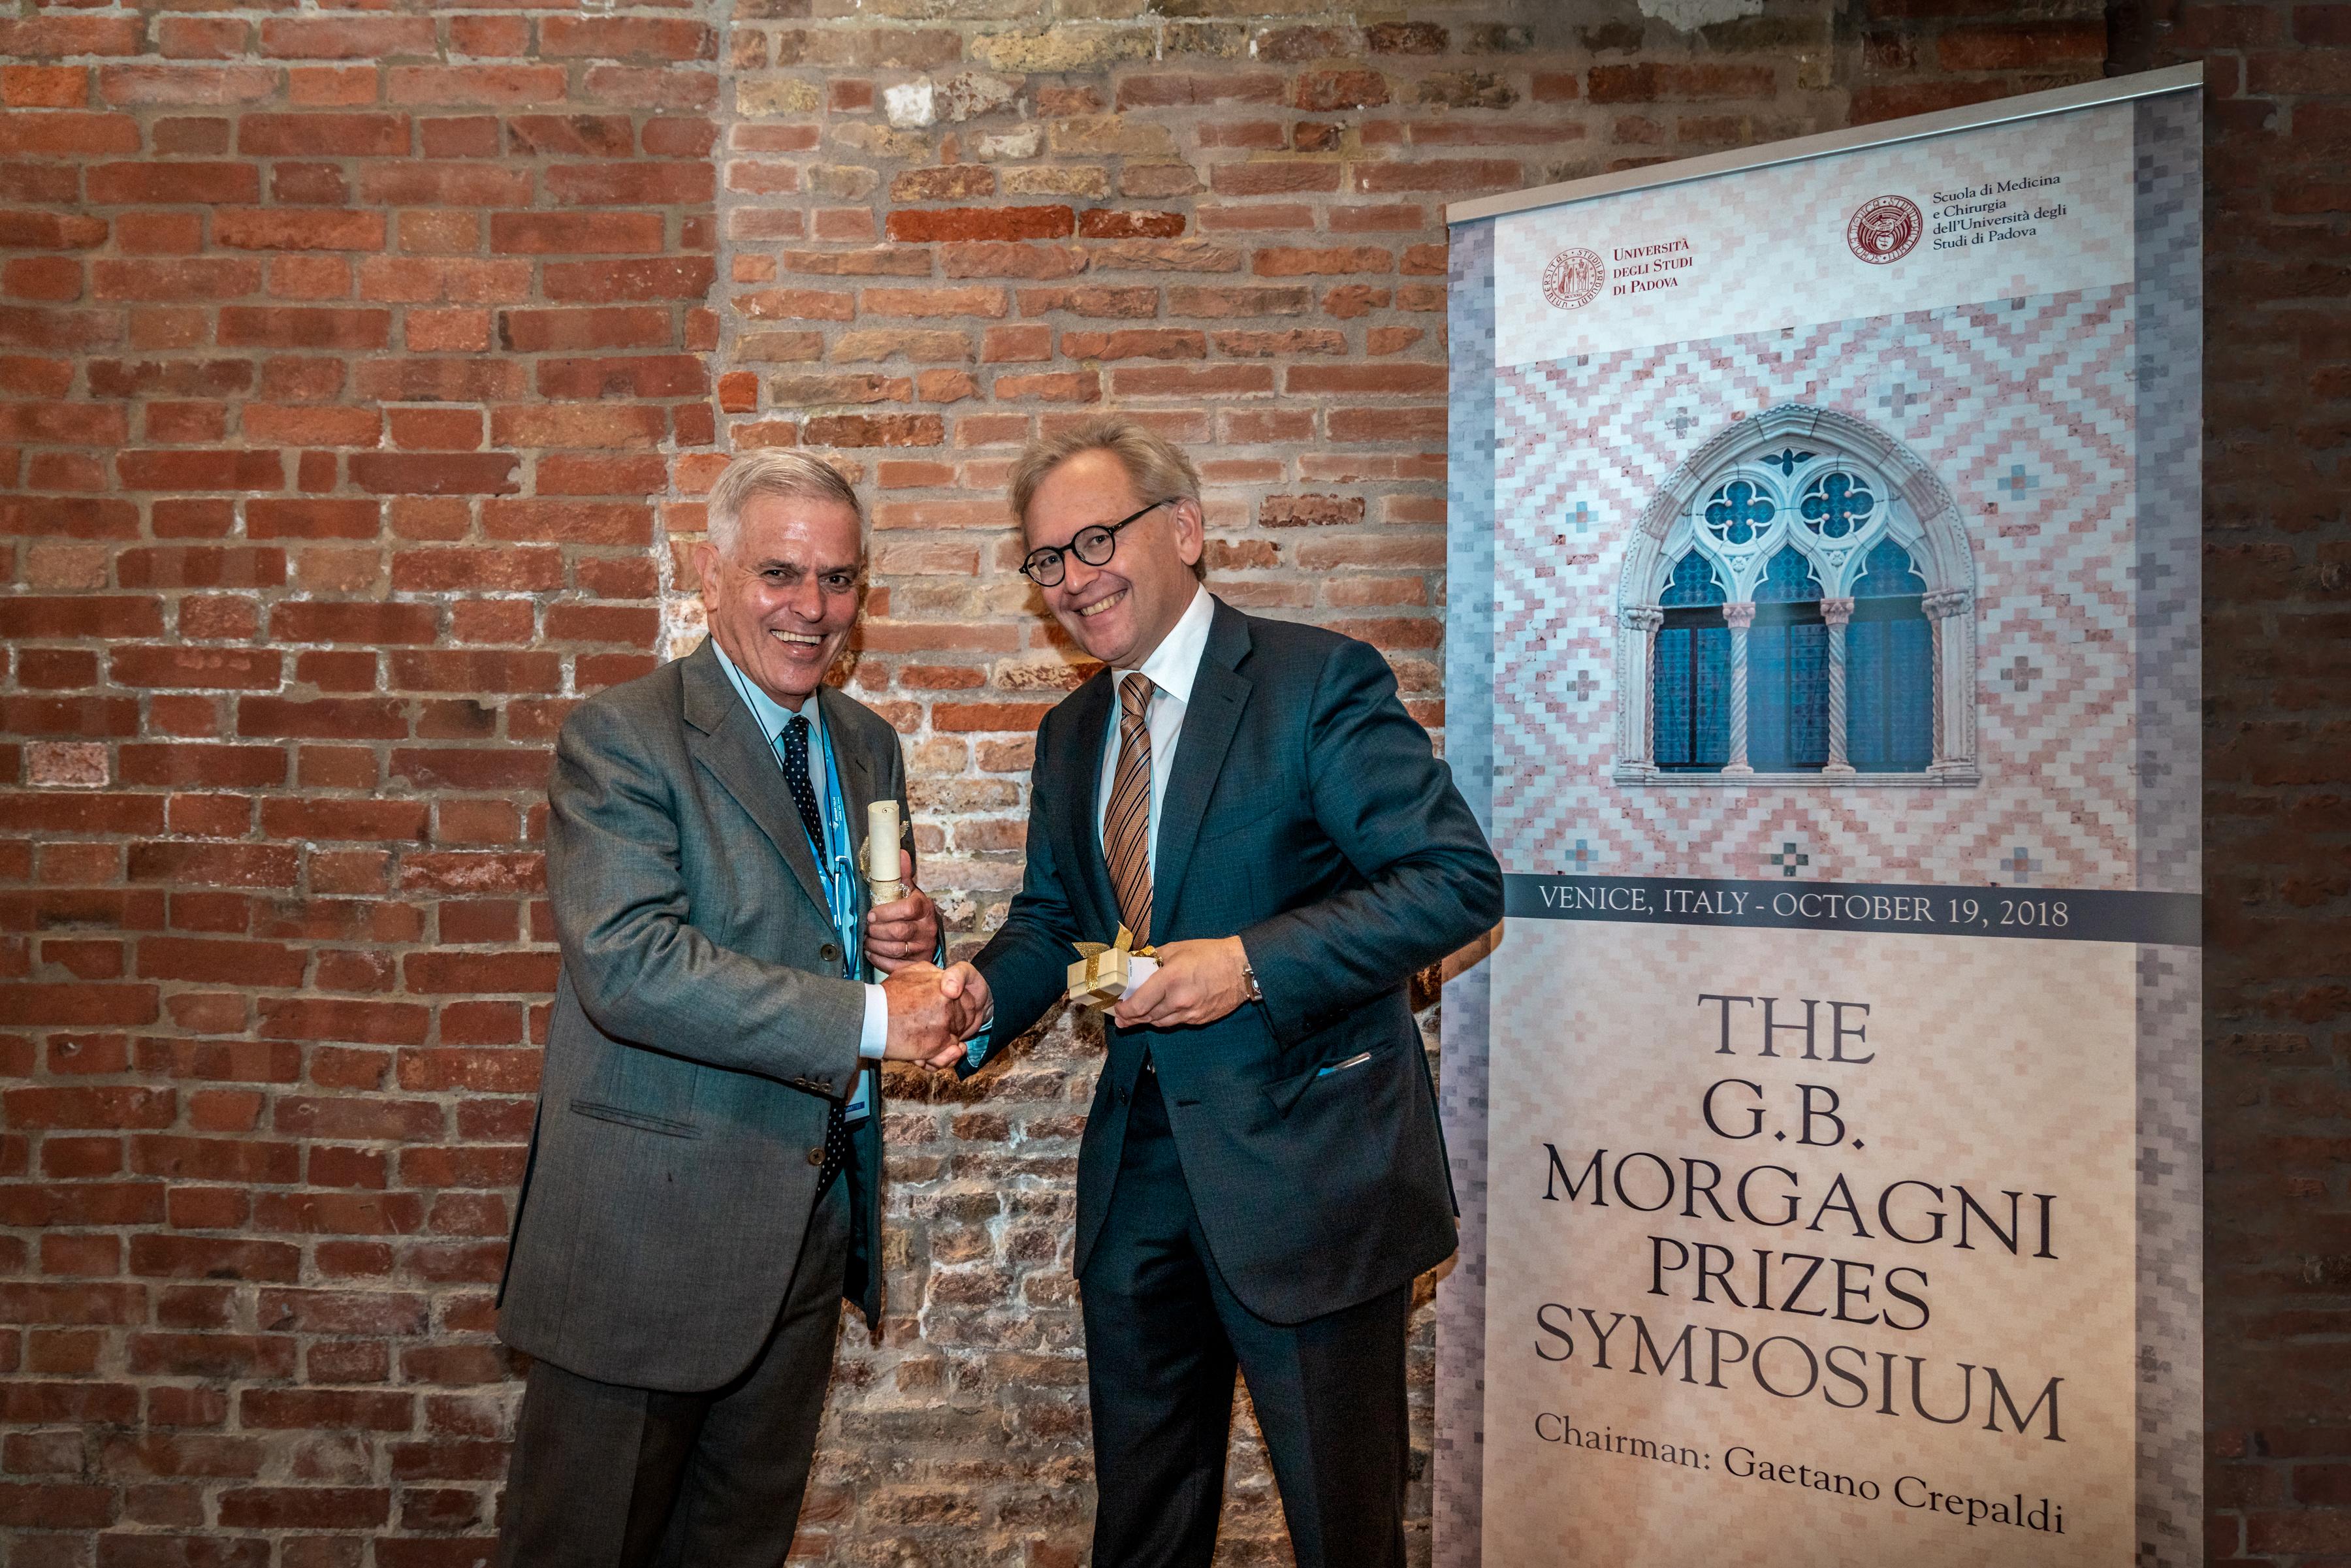 Prof. Roden bekam die Morgagni Goldmedaille 2018 von Prof. Antonio Tiengo verliehen